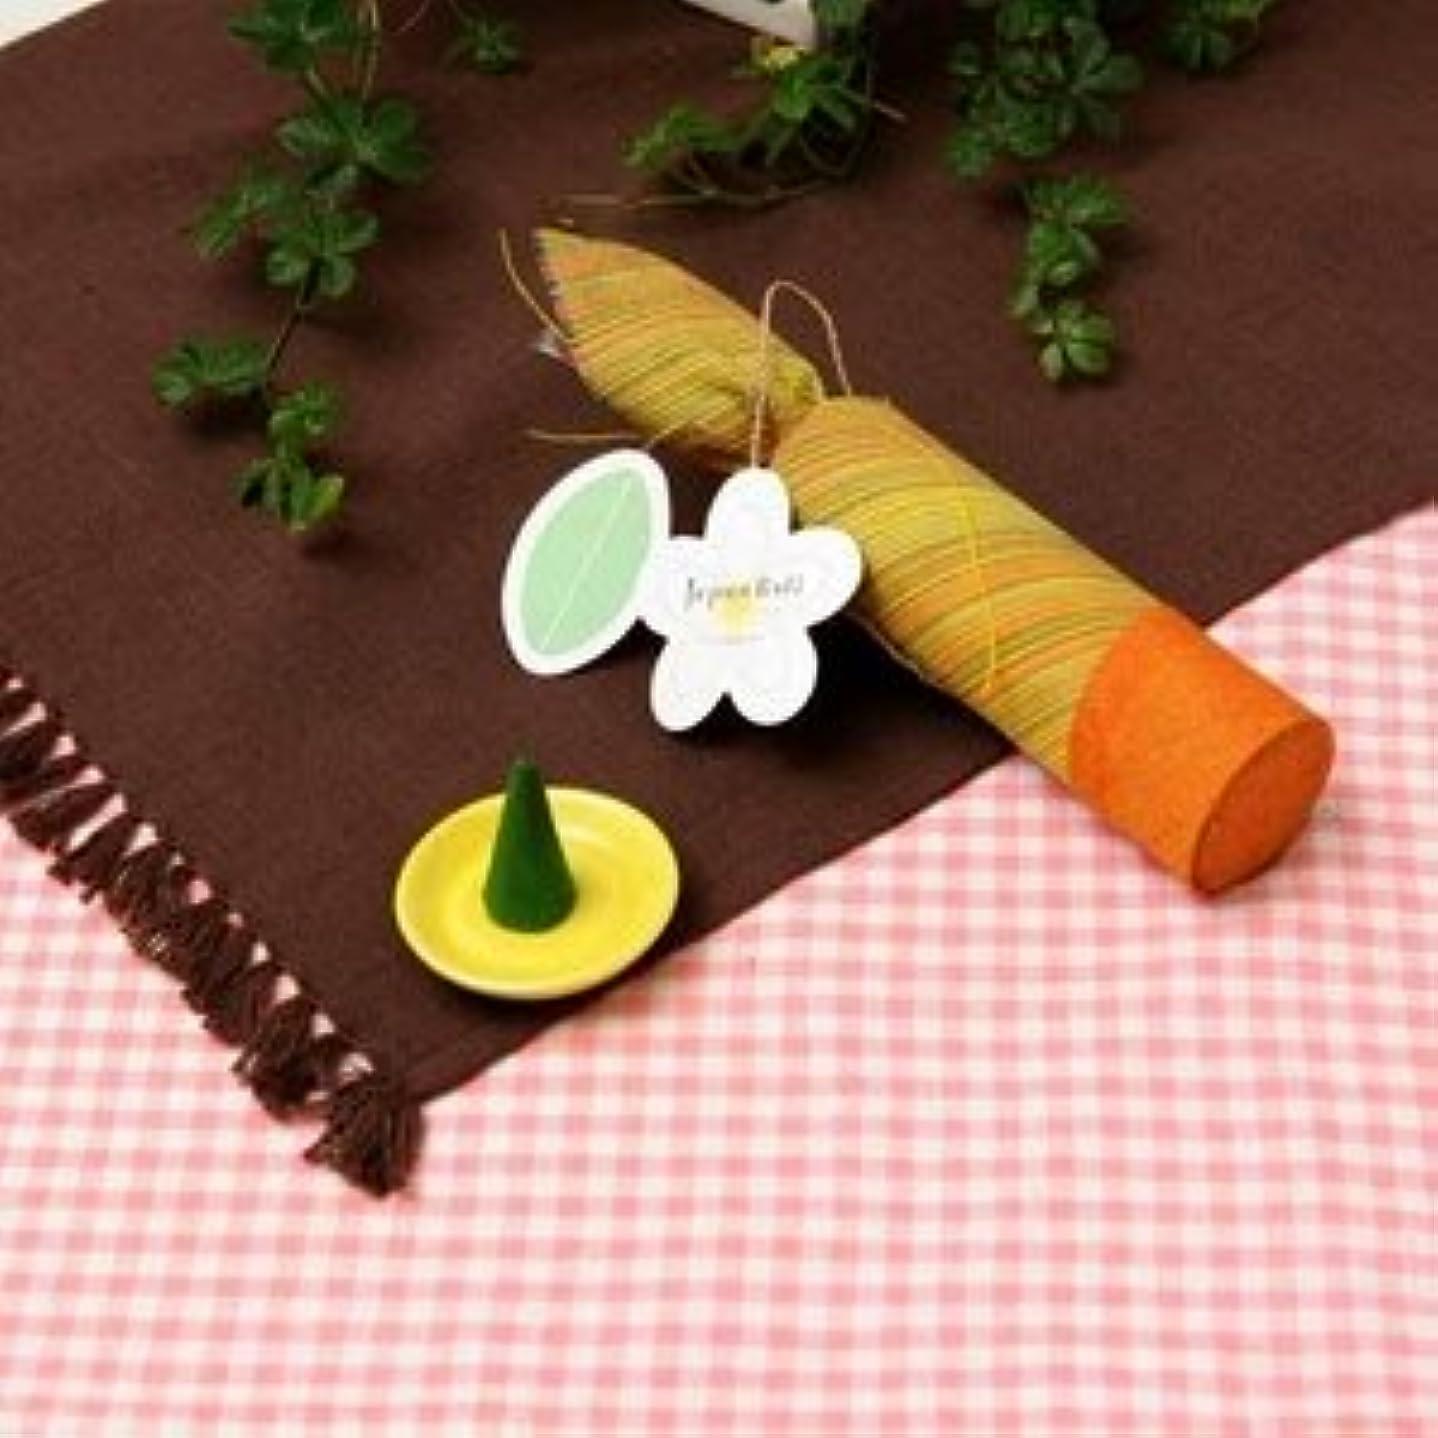 意識的遠い面白いJupen Bari(ジュプン バリ) フランジパニ(バリの儀式に無くてはならない信仰の花)